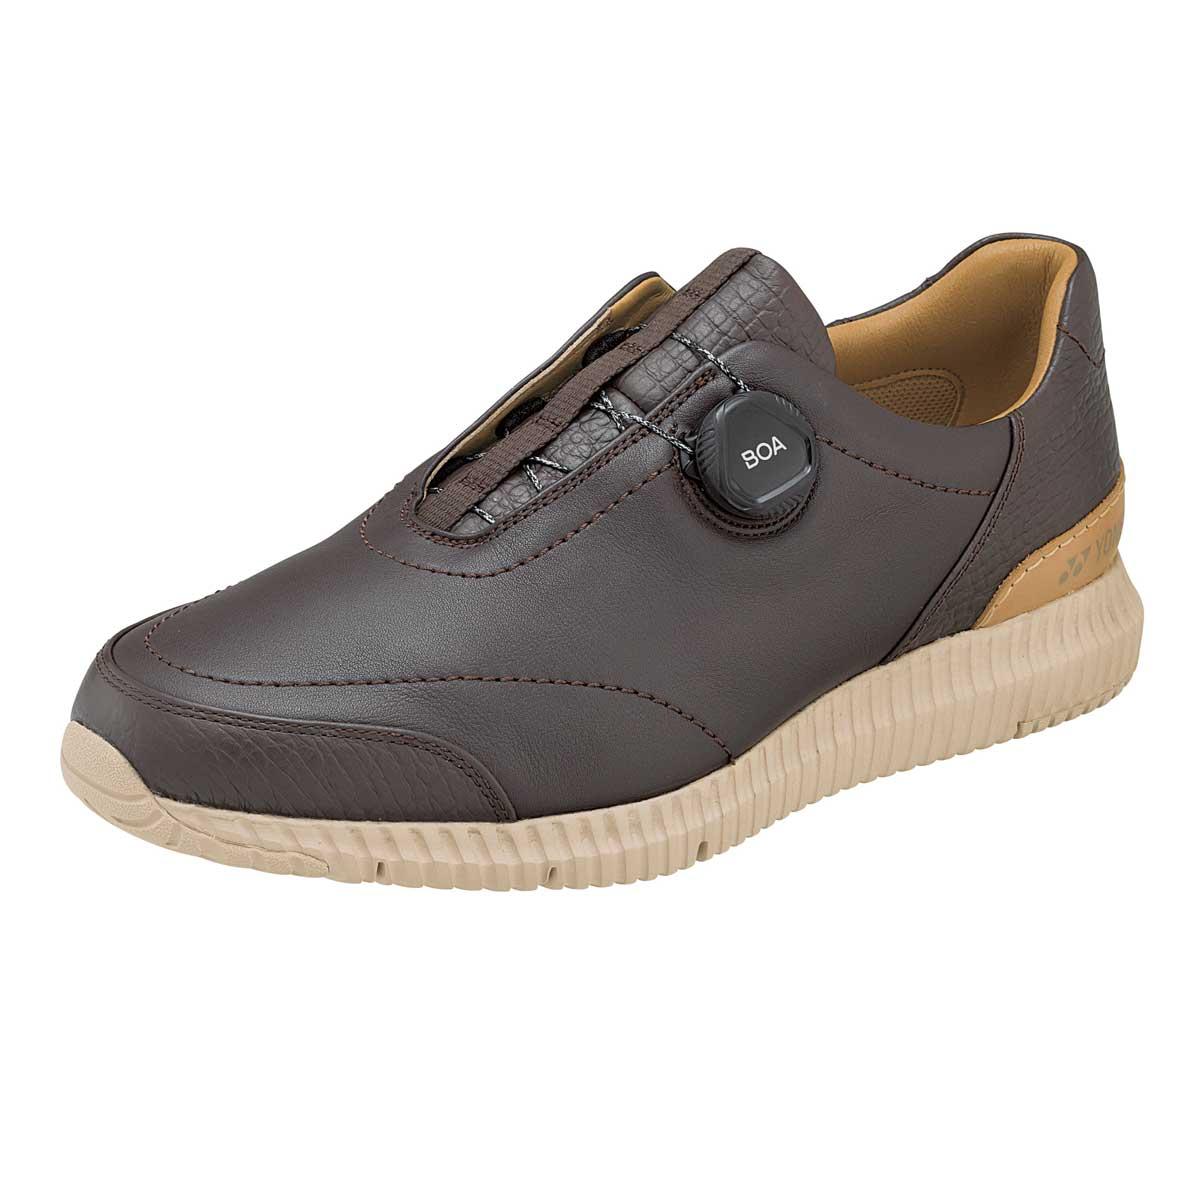 YONEX ヨネックス MC96 ダークブラウン (メンズ)軽い疲れにくいウォーキングシューズ「靴」